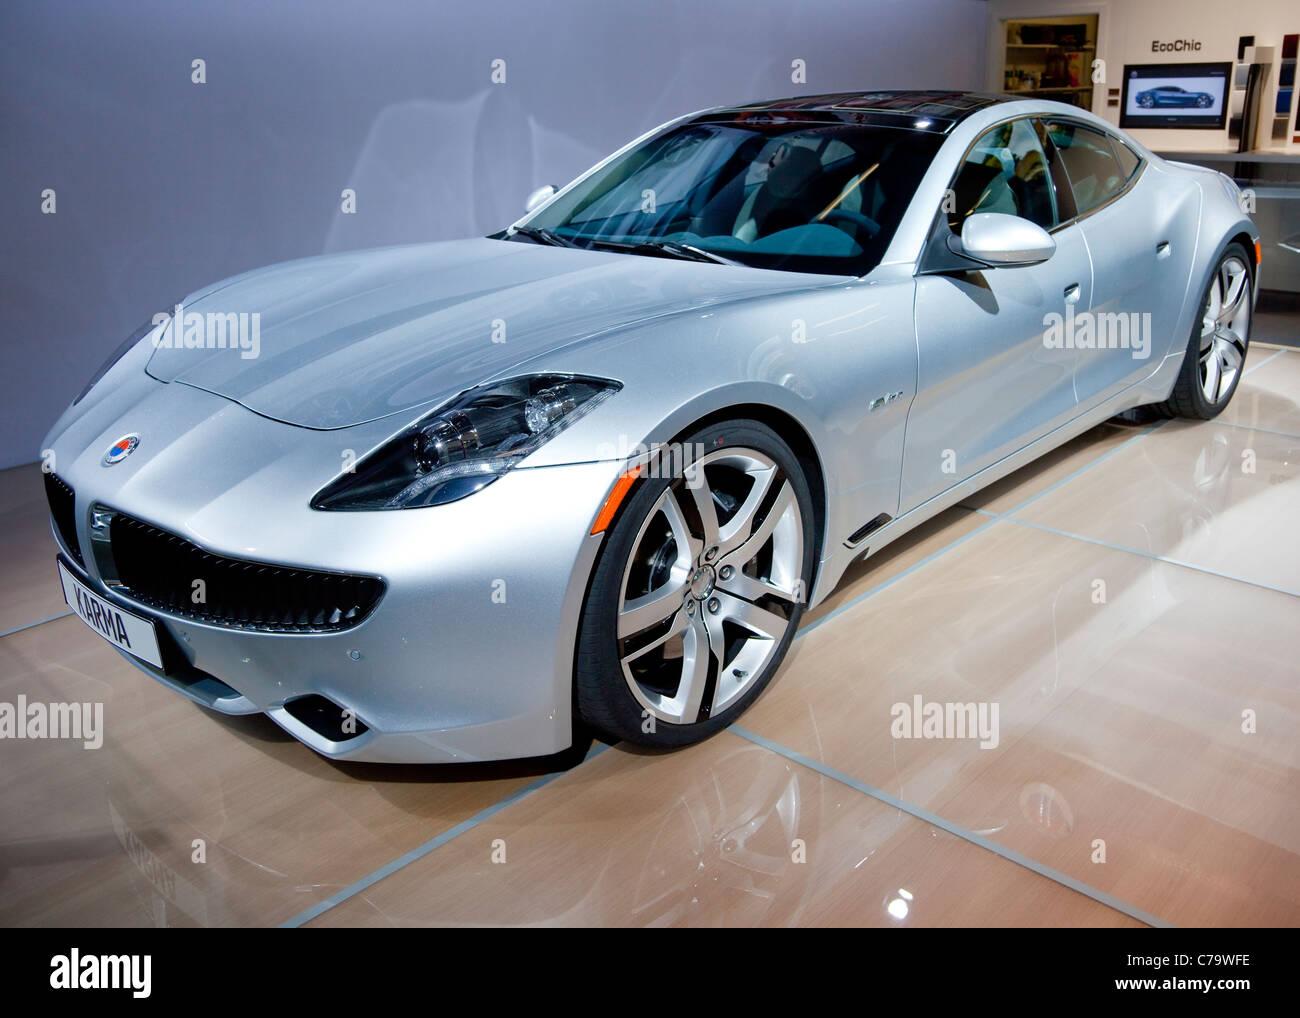 Nuevo Fisker Karma eléctrico con una amplia gama de vehículos de lujo IAA 2011 Salón Internacional Imagen De Stock